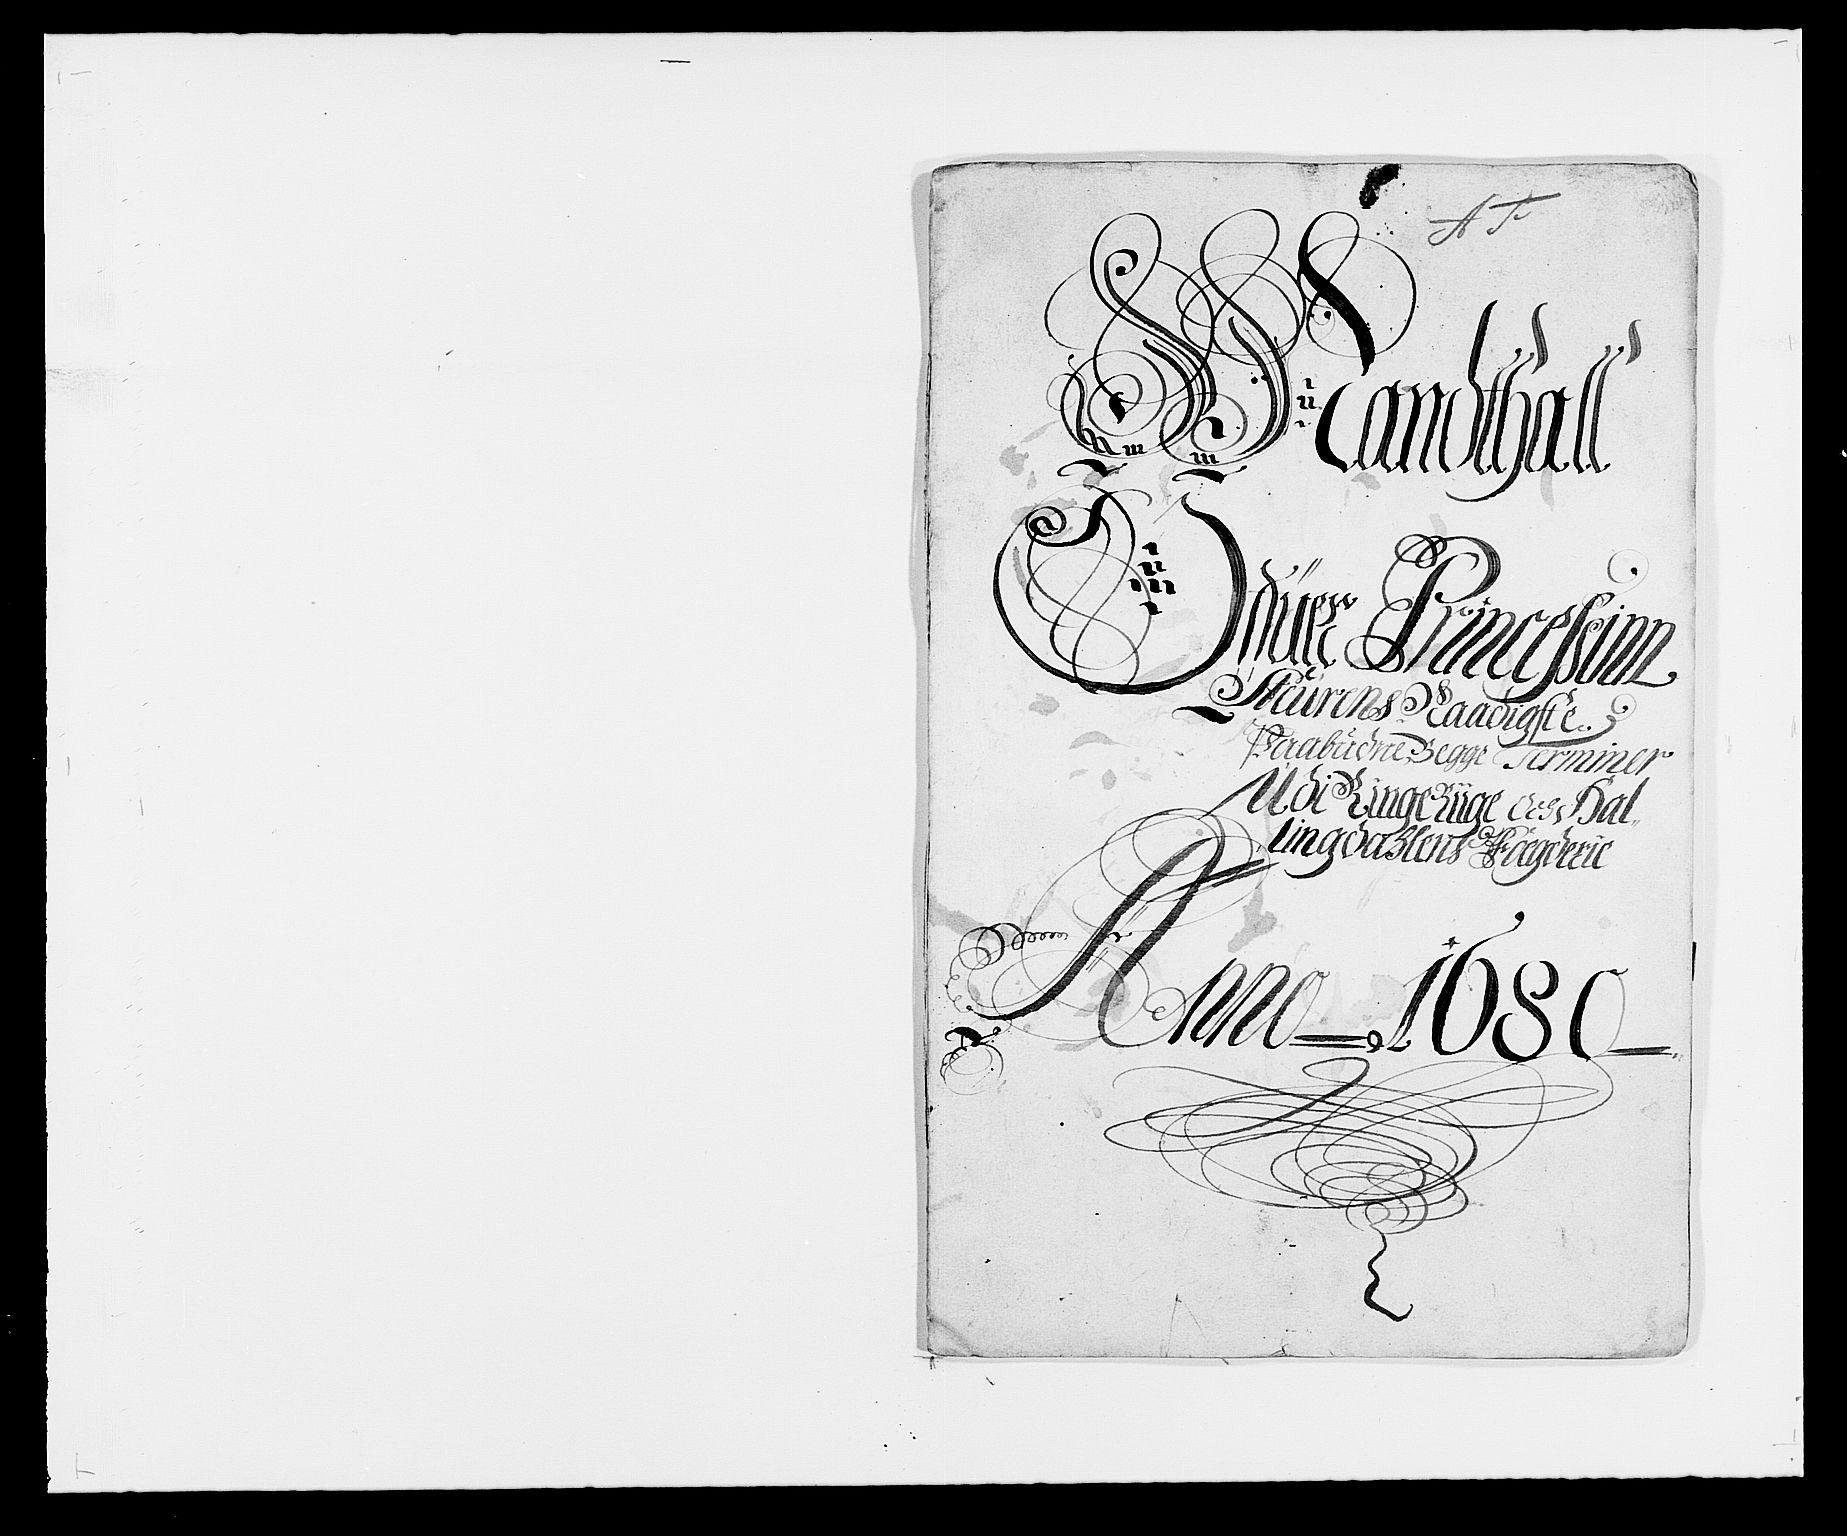 RA, Rentekammeret inntil 1814, Reviderte regnskaper, Fogderegnskap, R21/L1444: Fogderegnskap Ringerike og Hallingdal, 1680-1681, s. 115